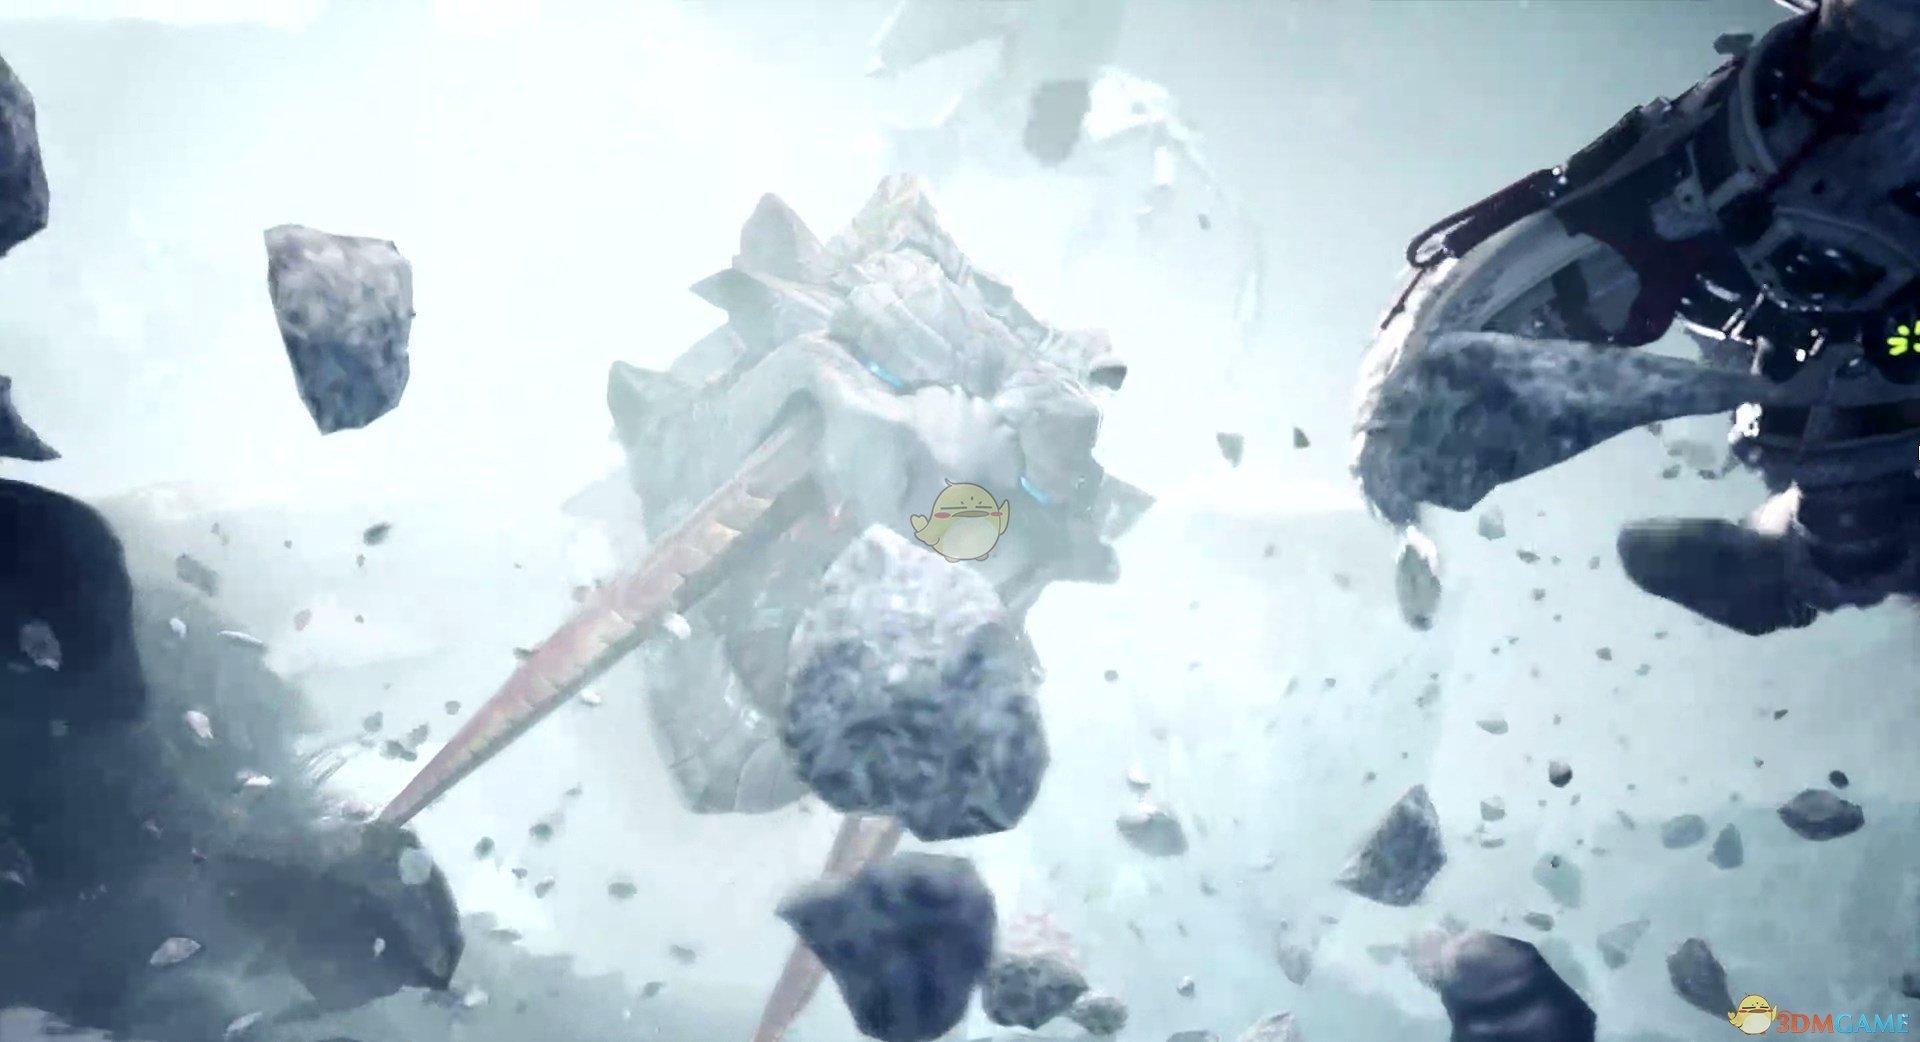 《怪物猎人:世界》冰原DLC大锤蓄力爪使用心得分享